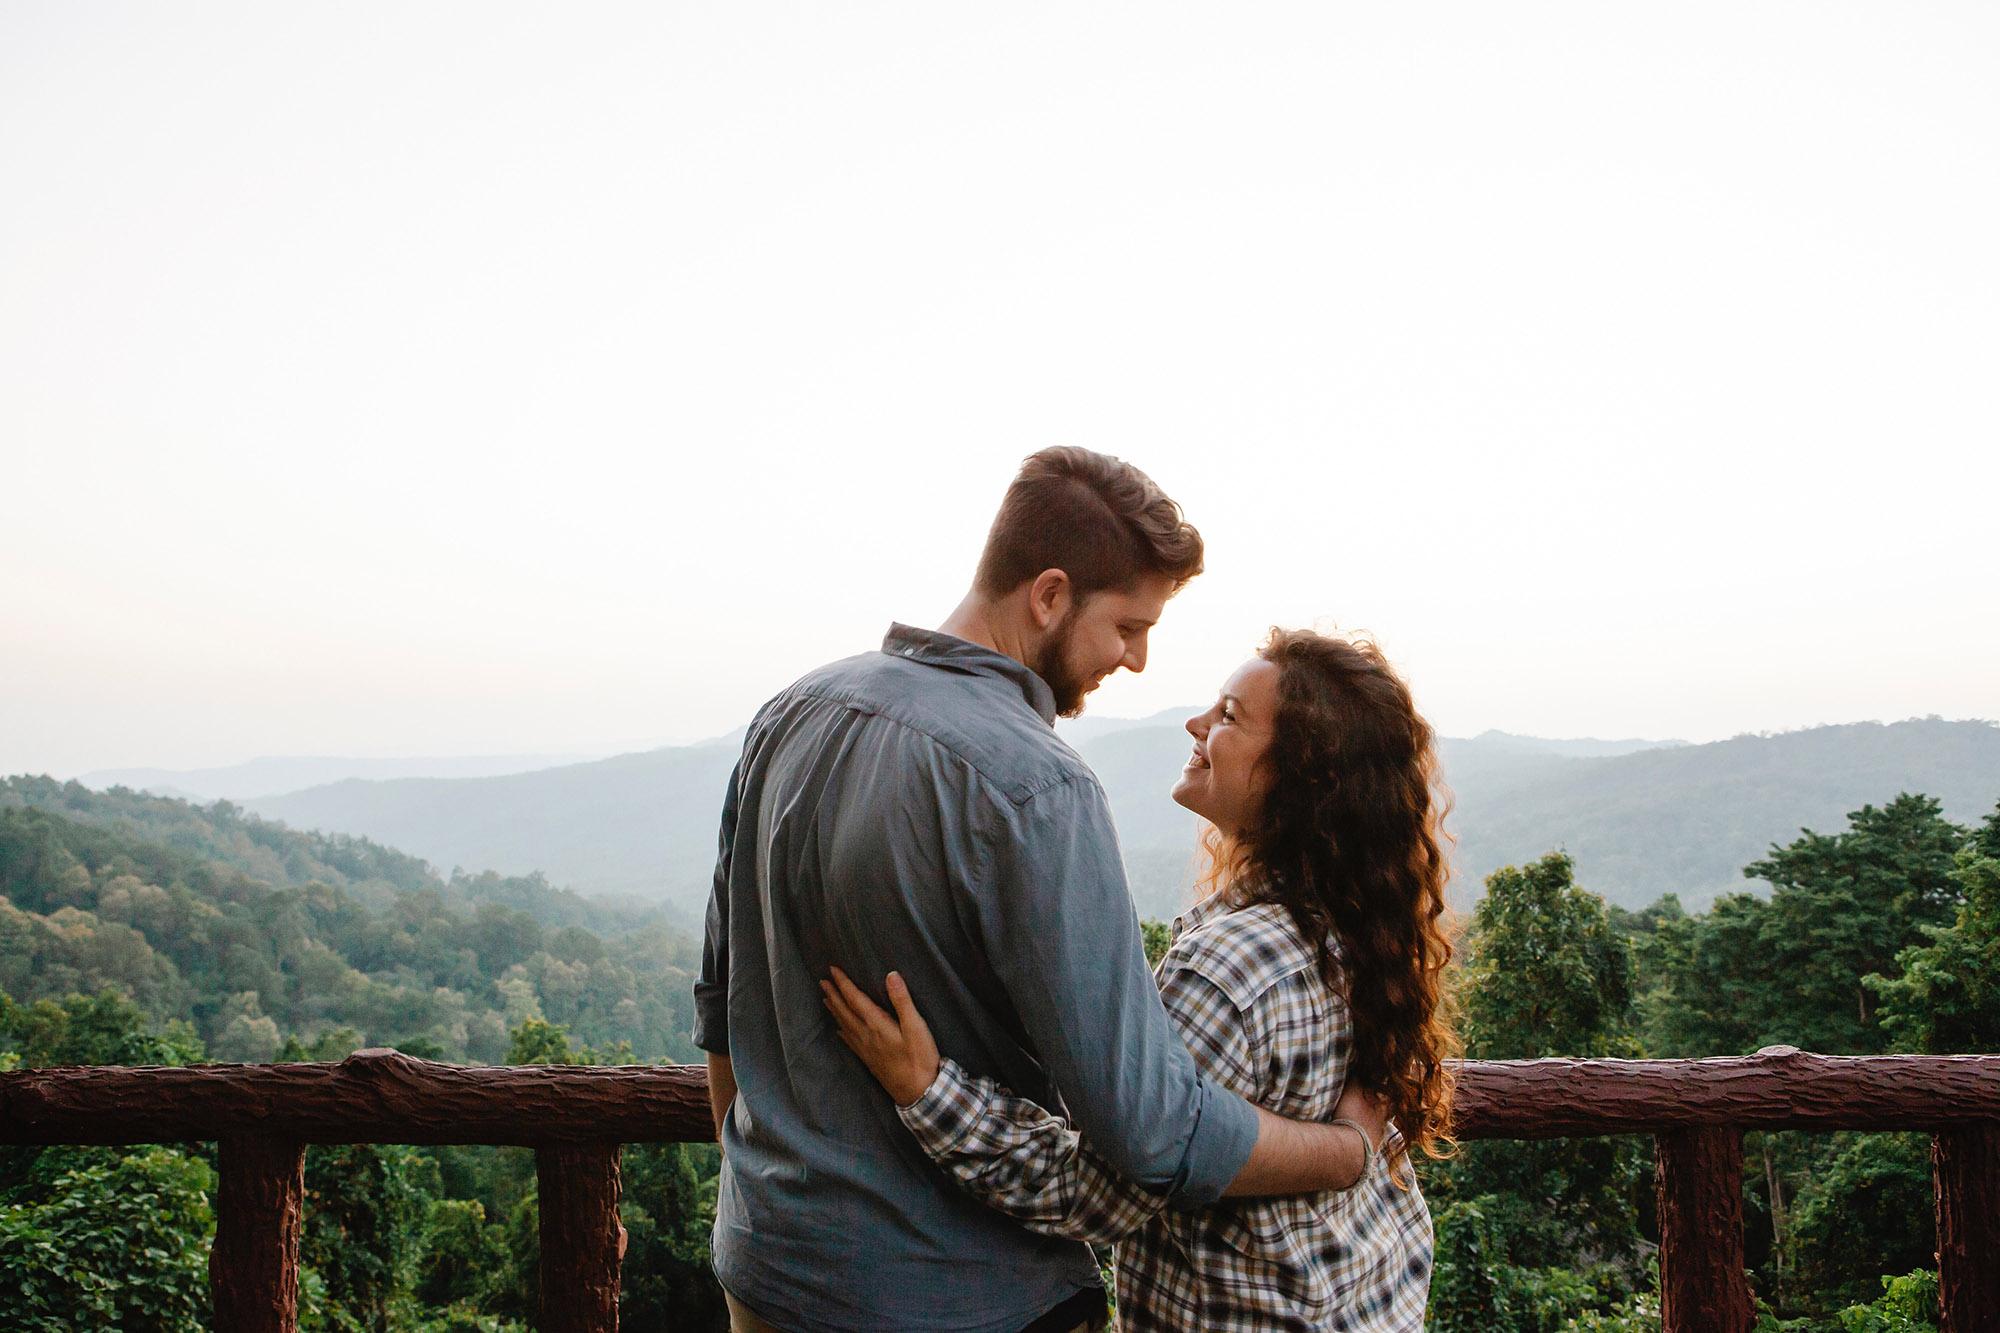 Cặp đôi hẹn hò trong một chuyến đi